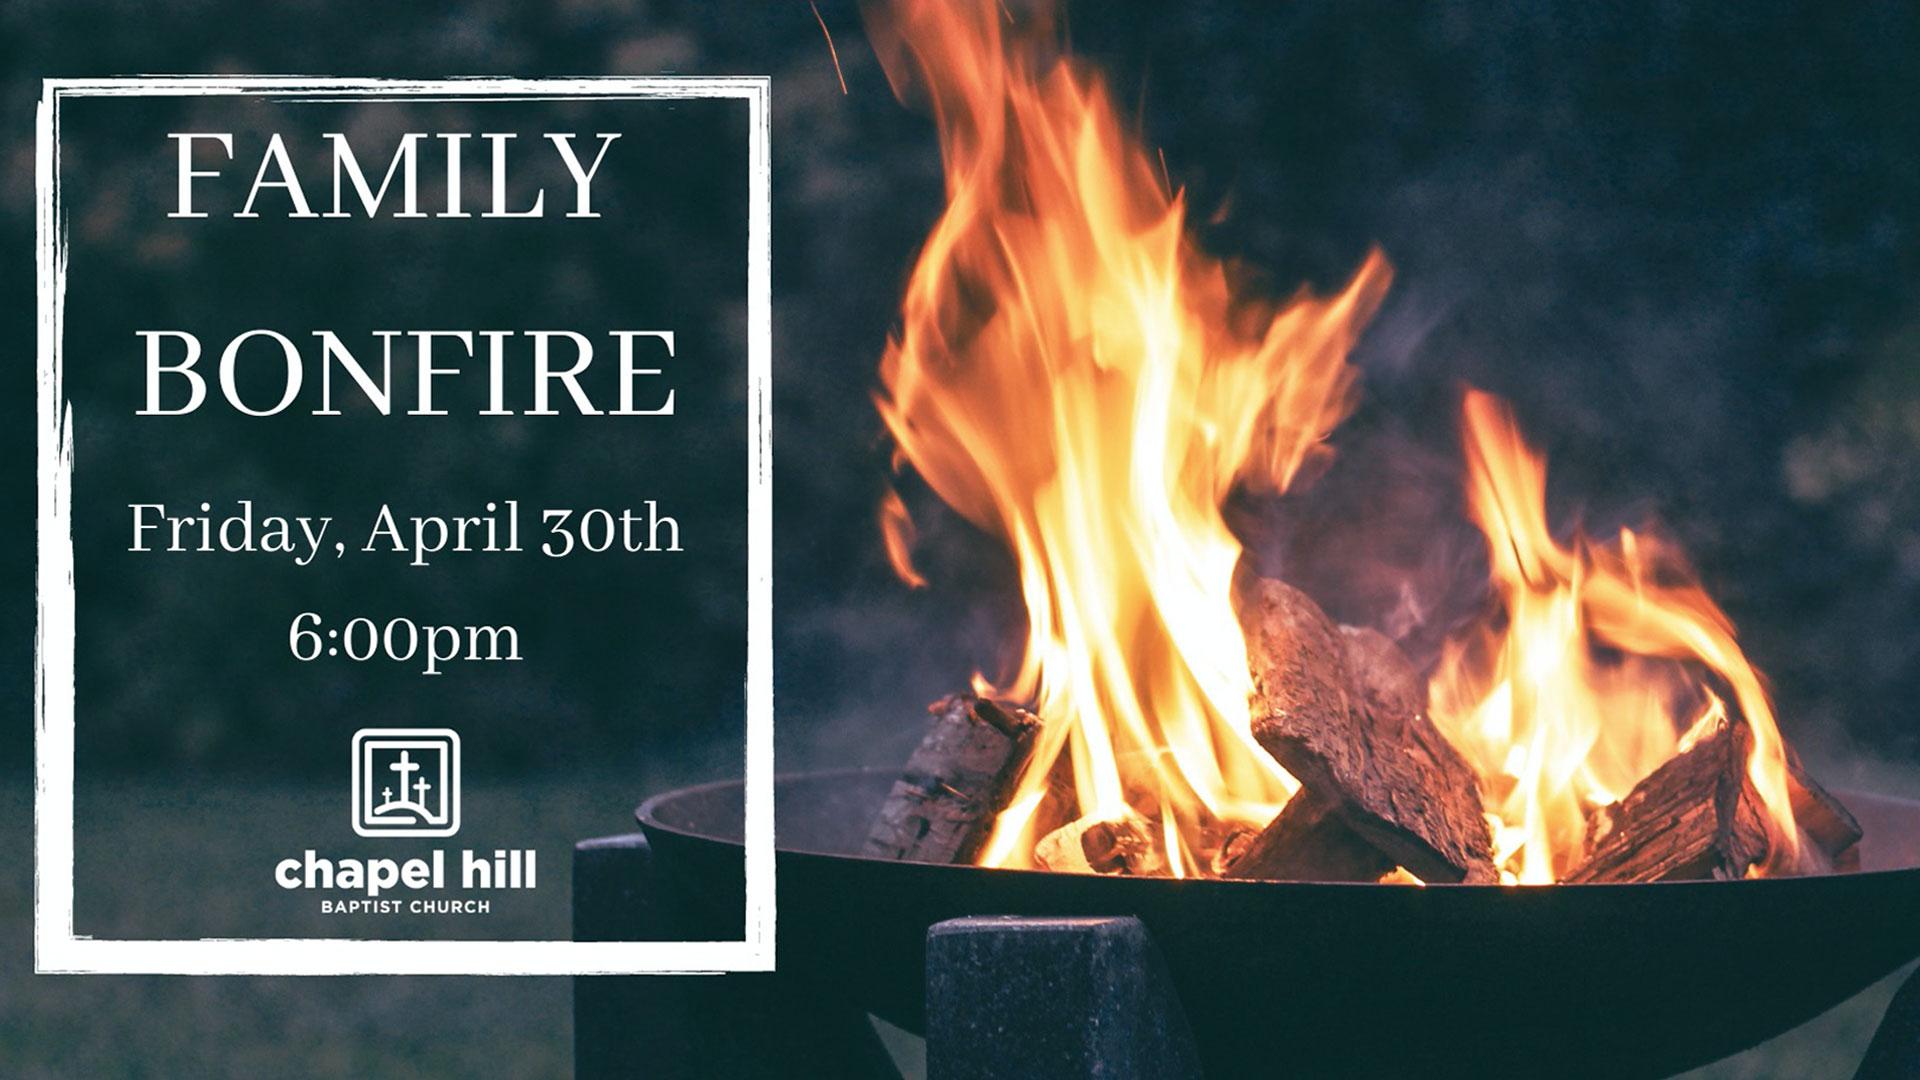 Family Bonfire - April 30